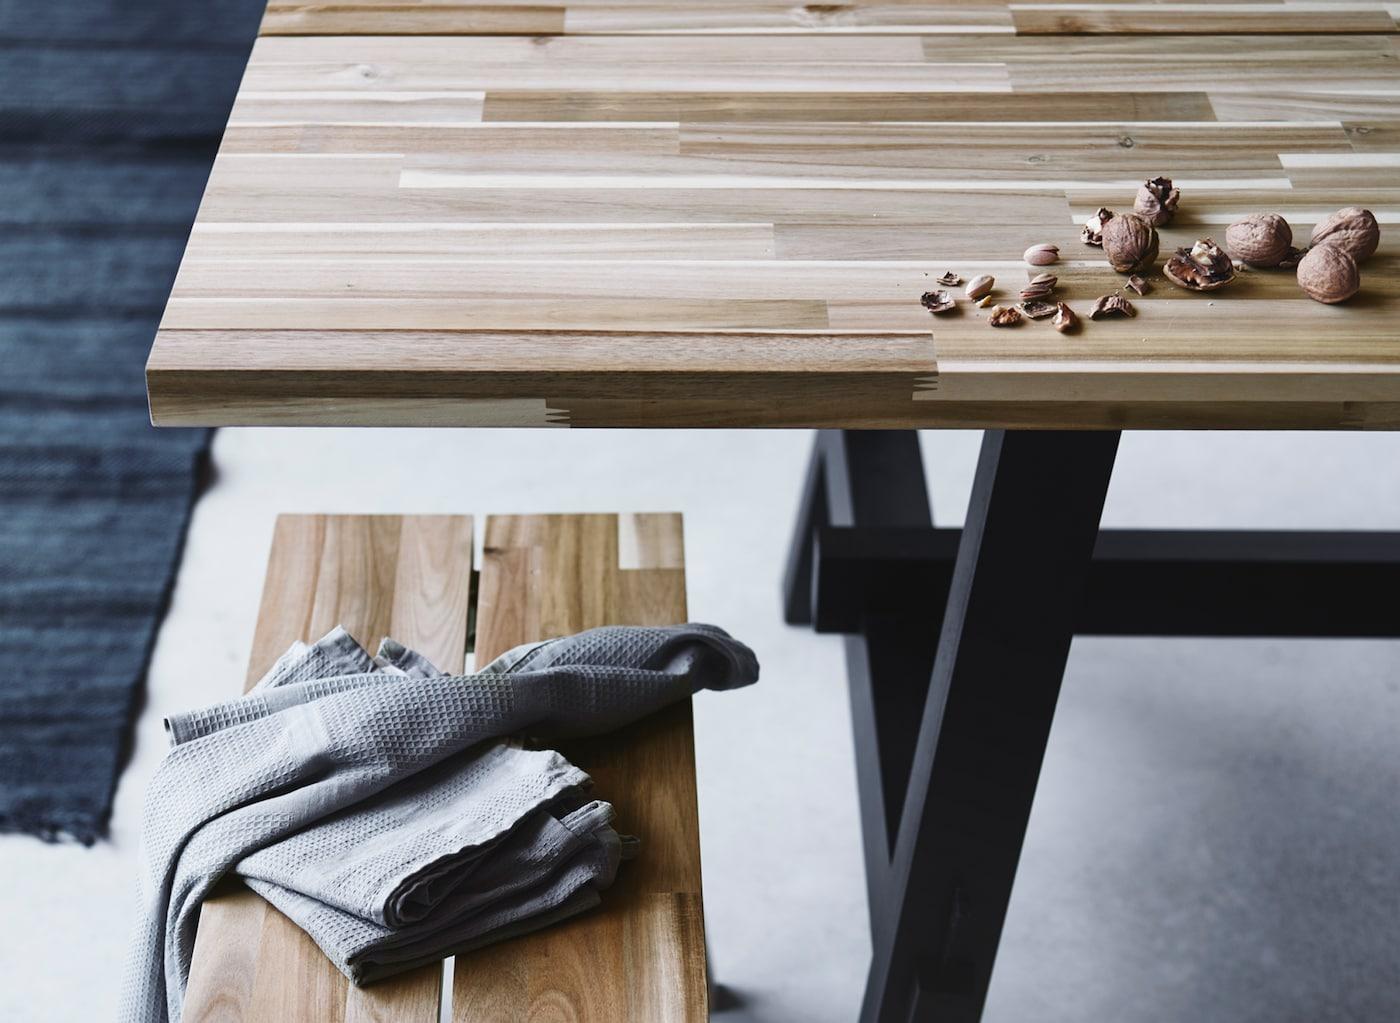 다양한 나뭇결과 색감을 가진 목재로 만든 직사각형 스칸디나비아 스타일의 SKOGSTA 스콕스타 식탁과 벤치.